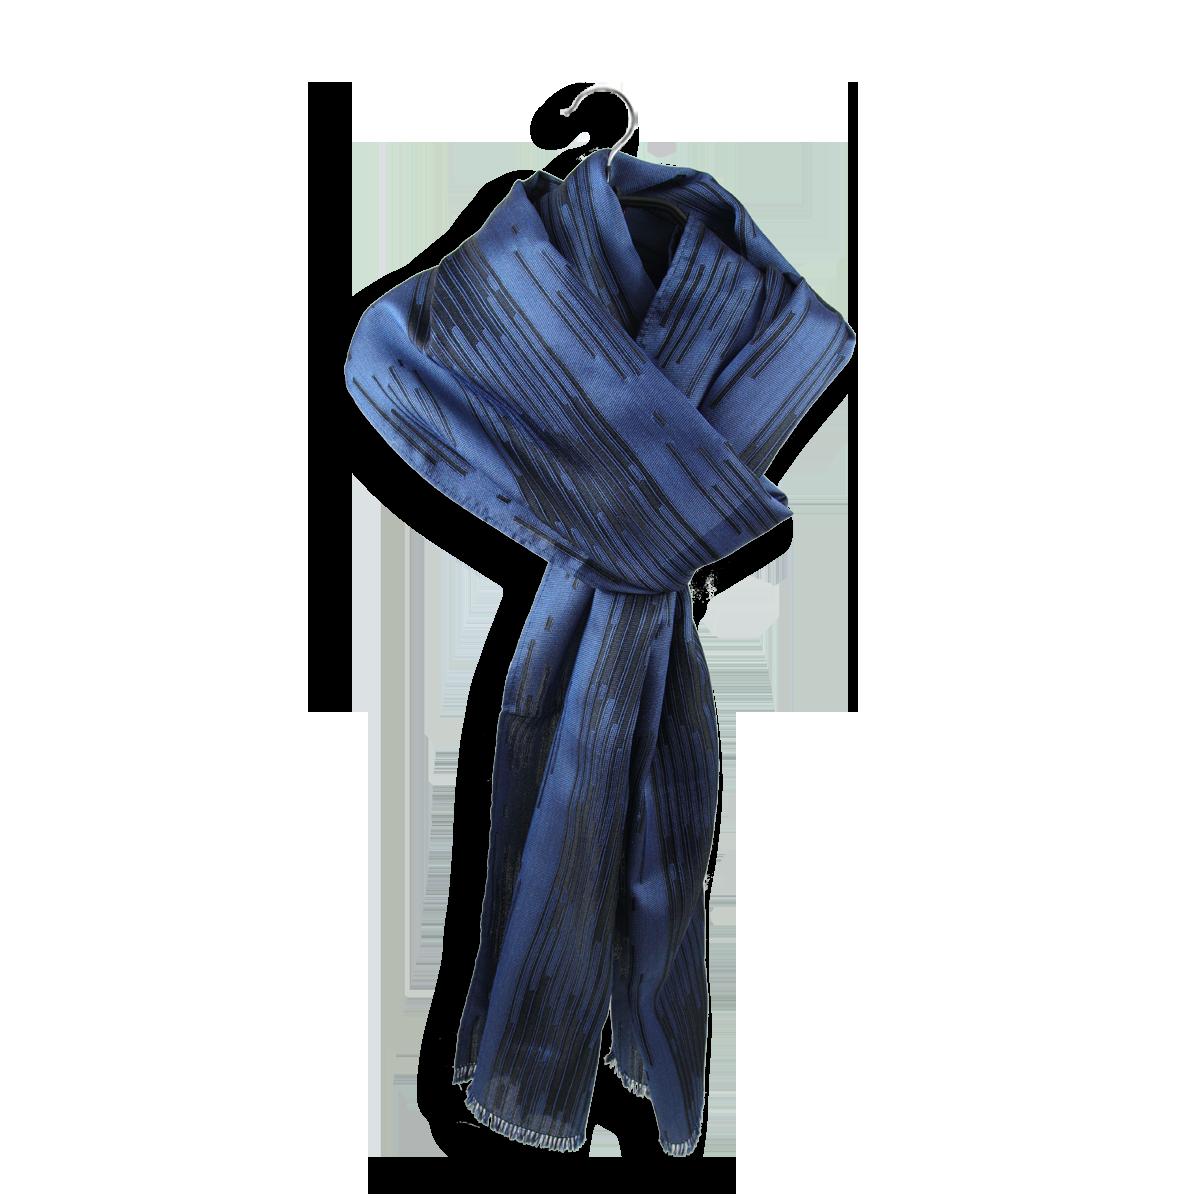 Luxueux foulard Homme en Soie de couleur Bleu - Ultra Chic. 8b6a9210a41